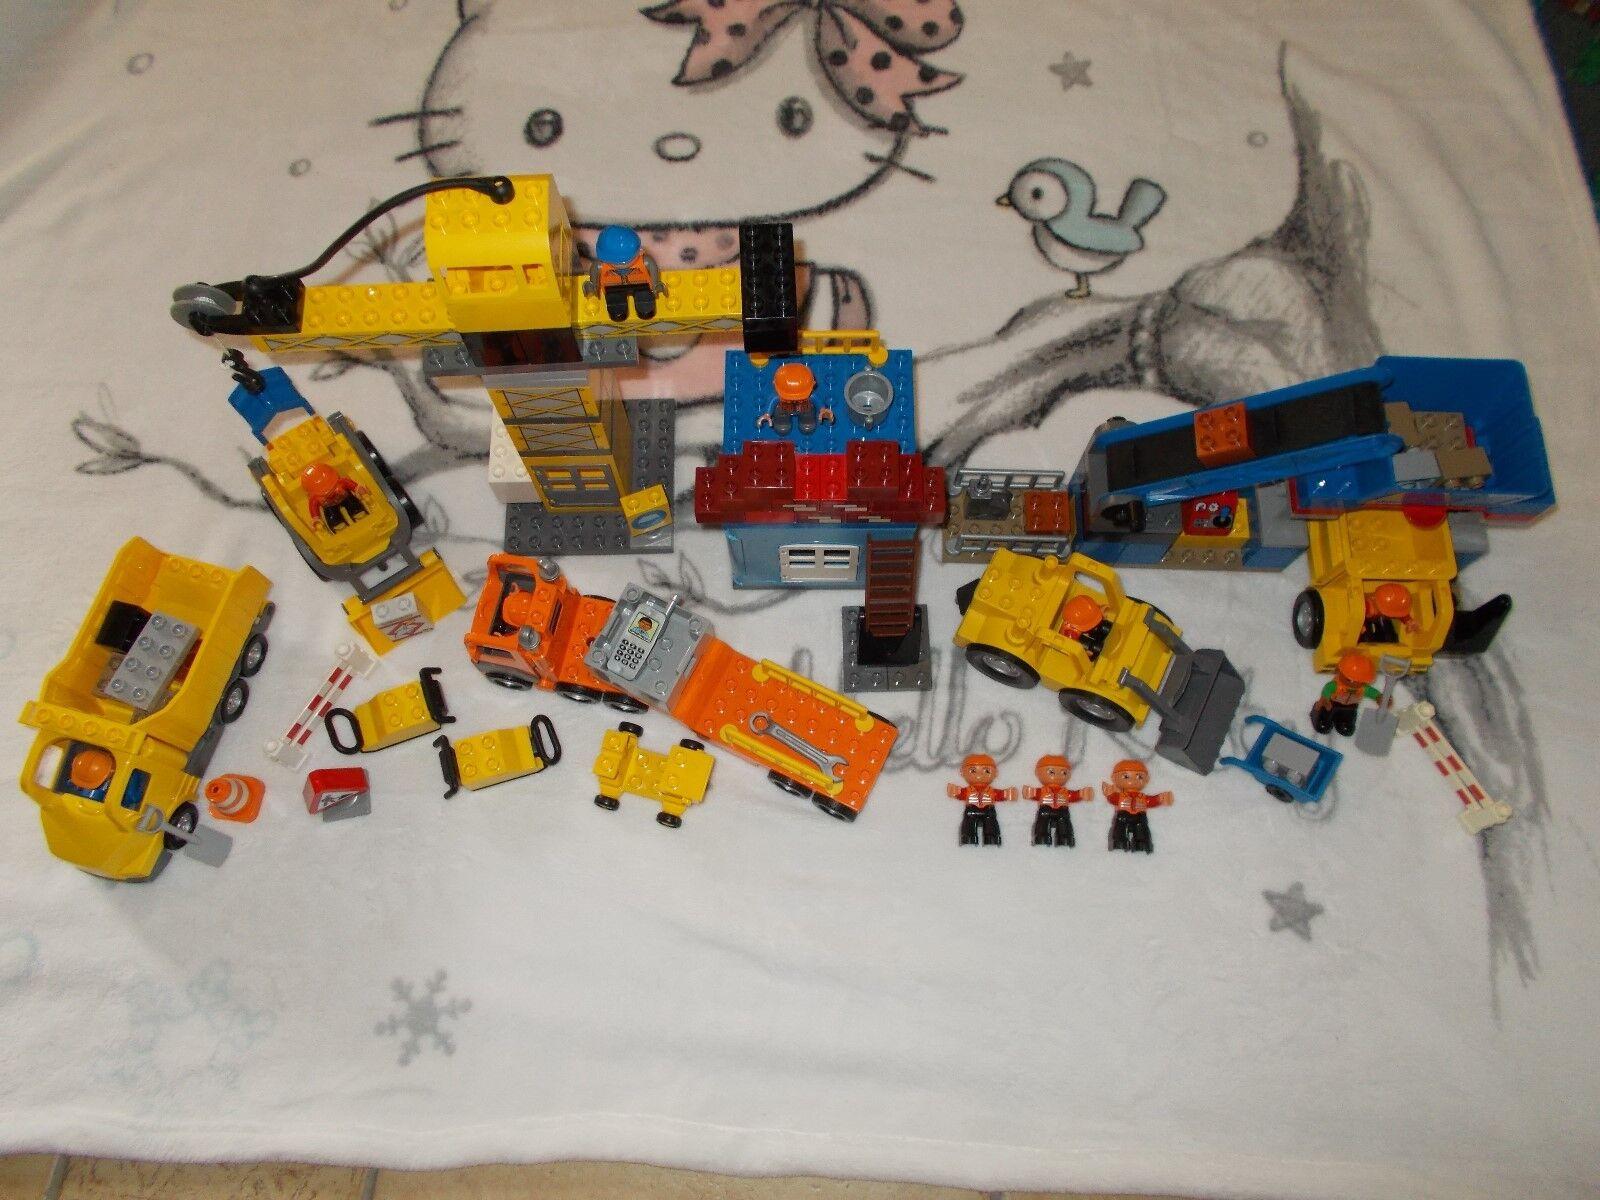 LEGO ® DUPLO-CANTIERE-XXL Set con 4987, 4988, 5651-con gru camion, ecc.